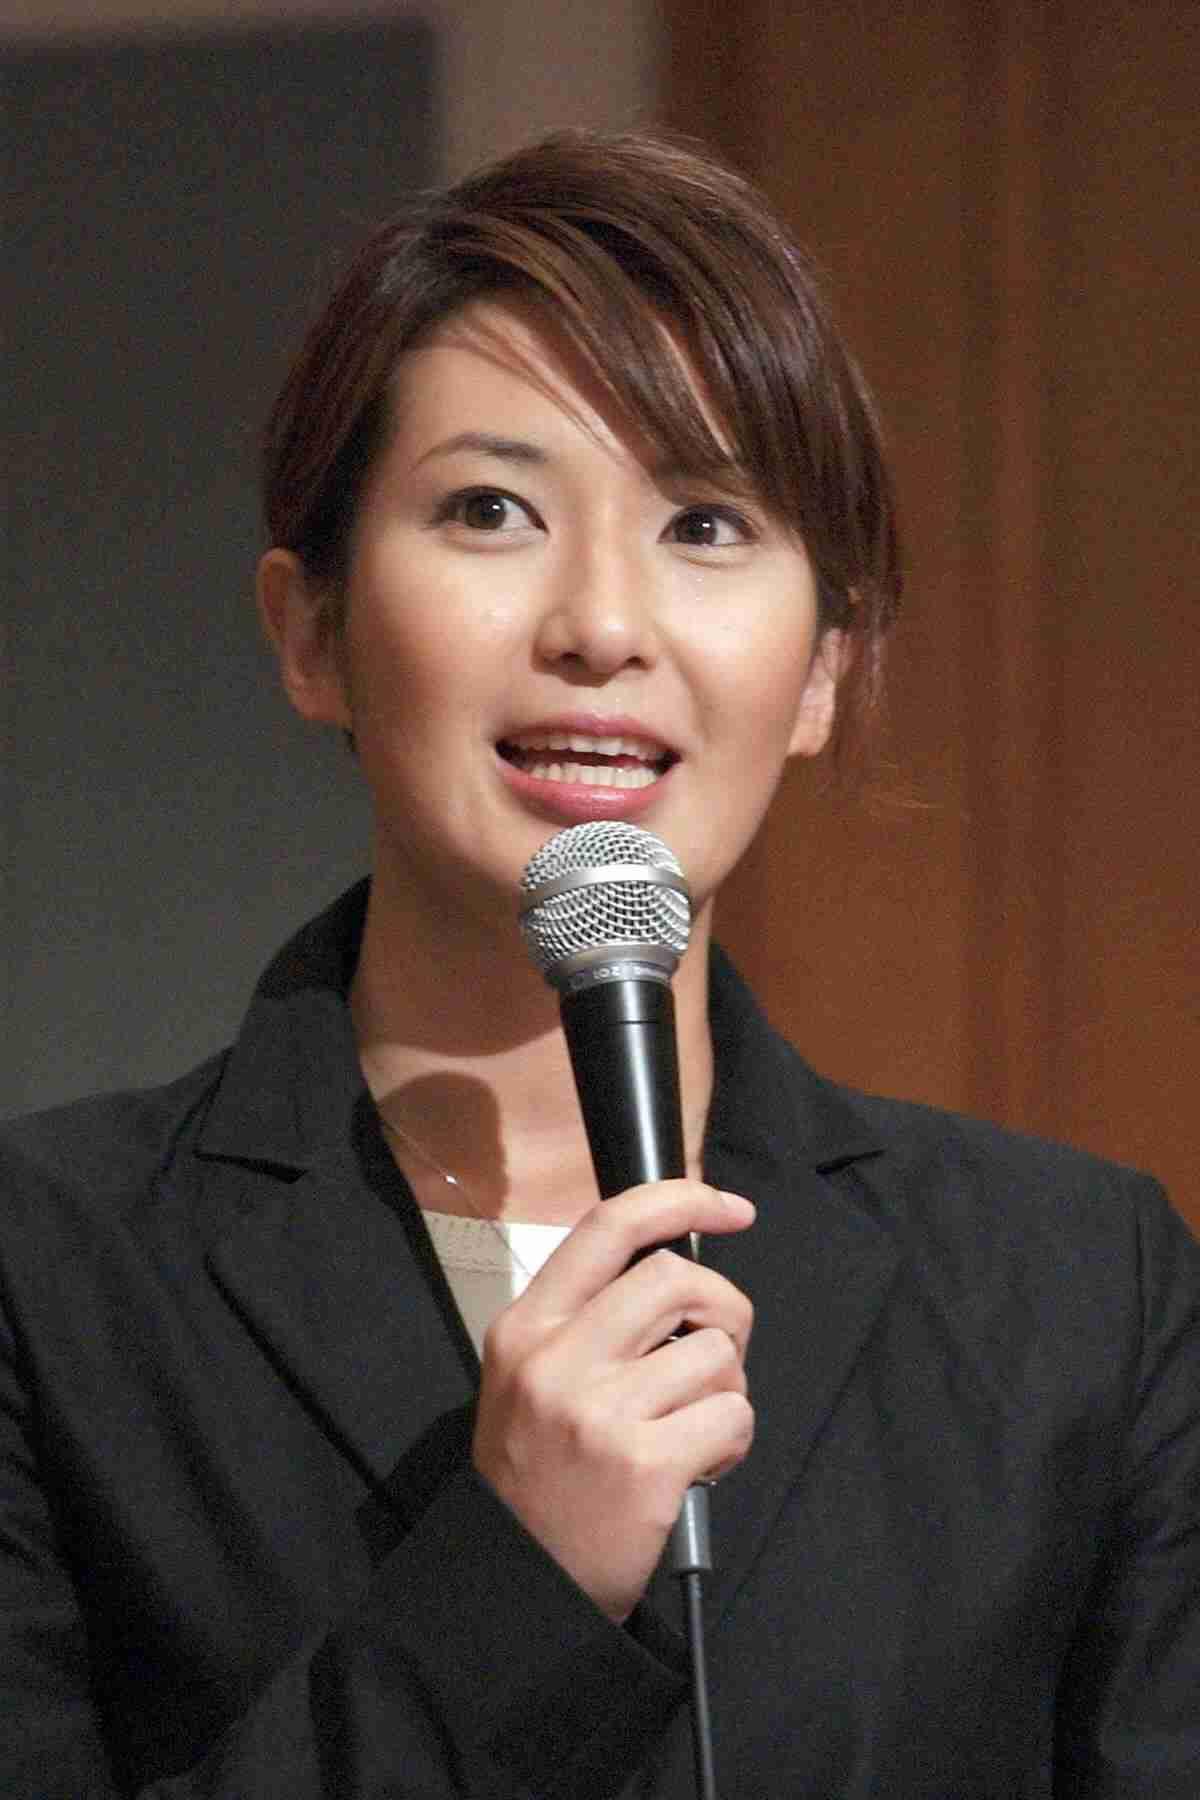 報ステに徳永有美アナが13年ぶり復帰 内村光良夫人「一日入魂」(デイリースポーツ) - Yahoo!ニュース